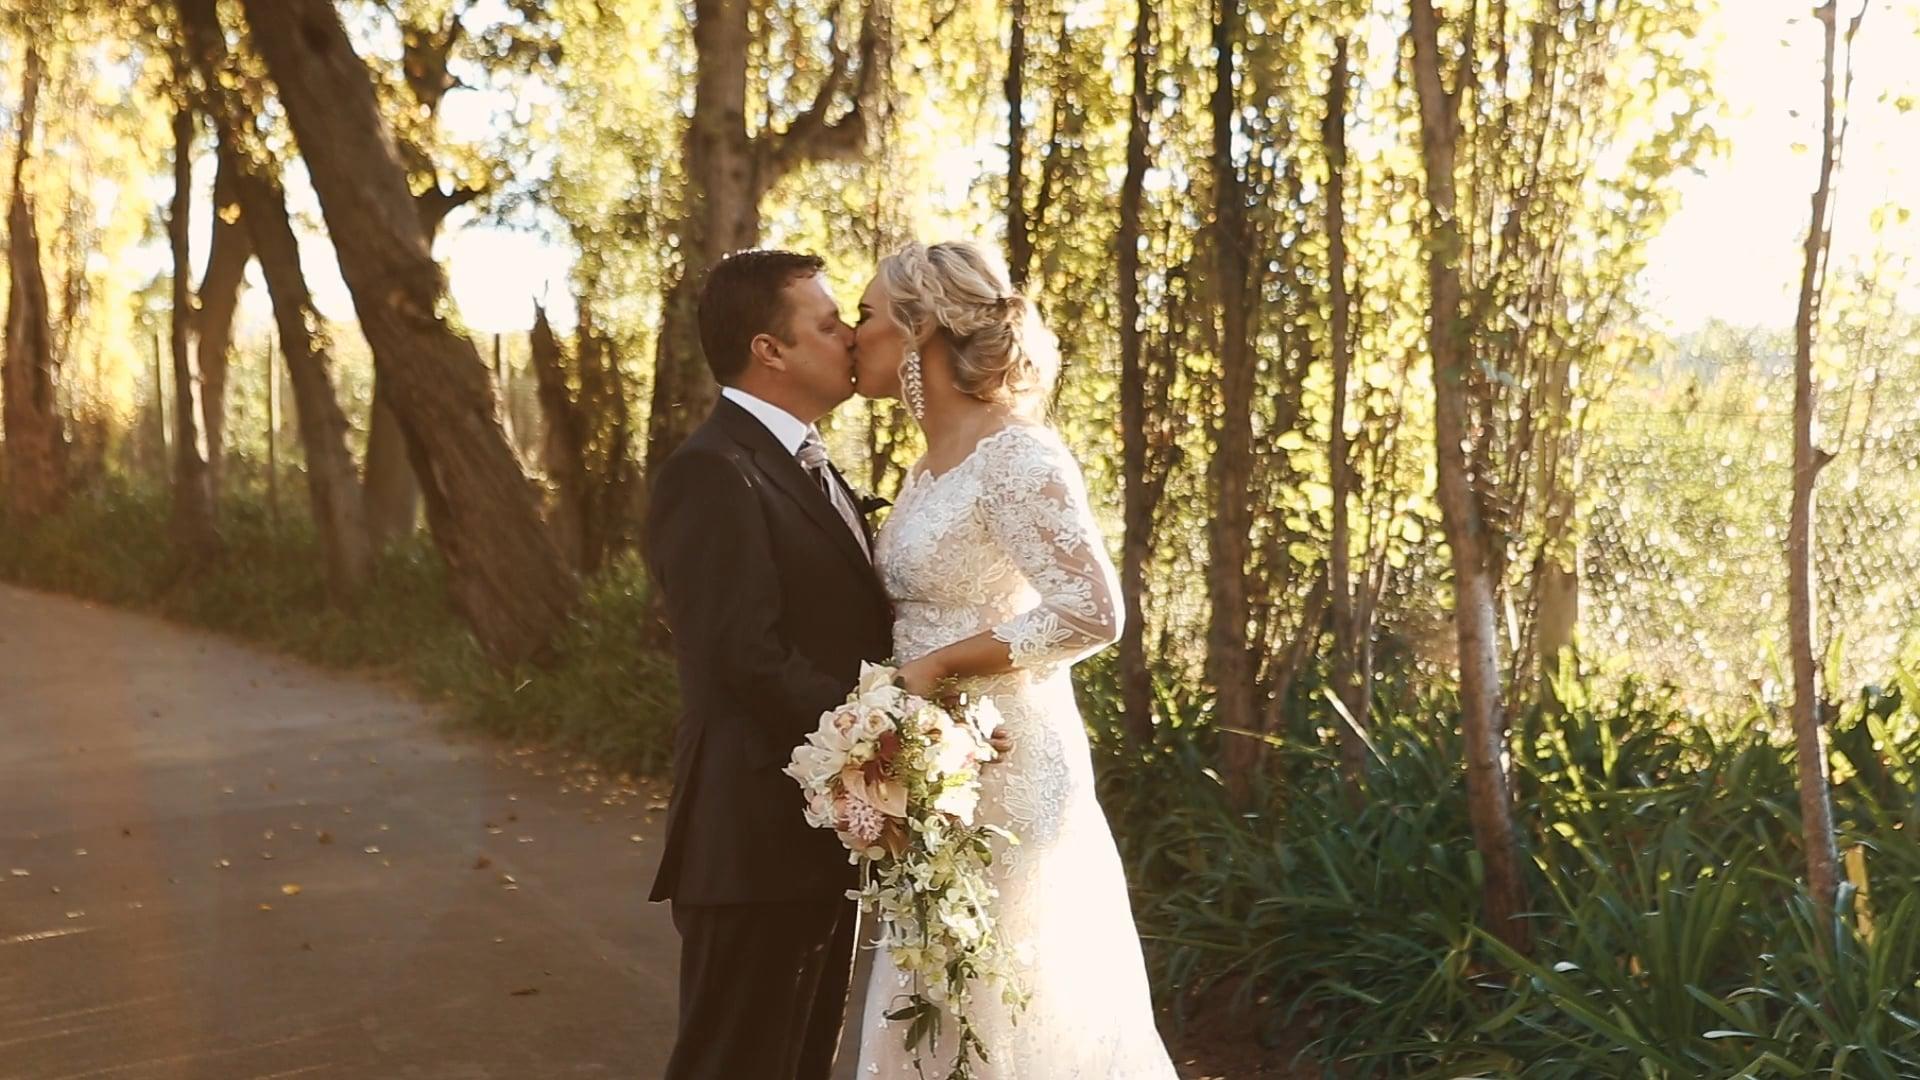 Johan and Johlene wedding preview, Molenvliet Stellenbosch - 11 May 2019